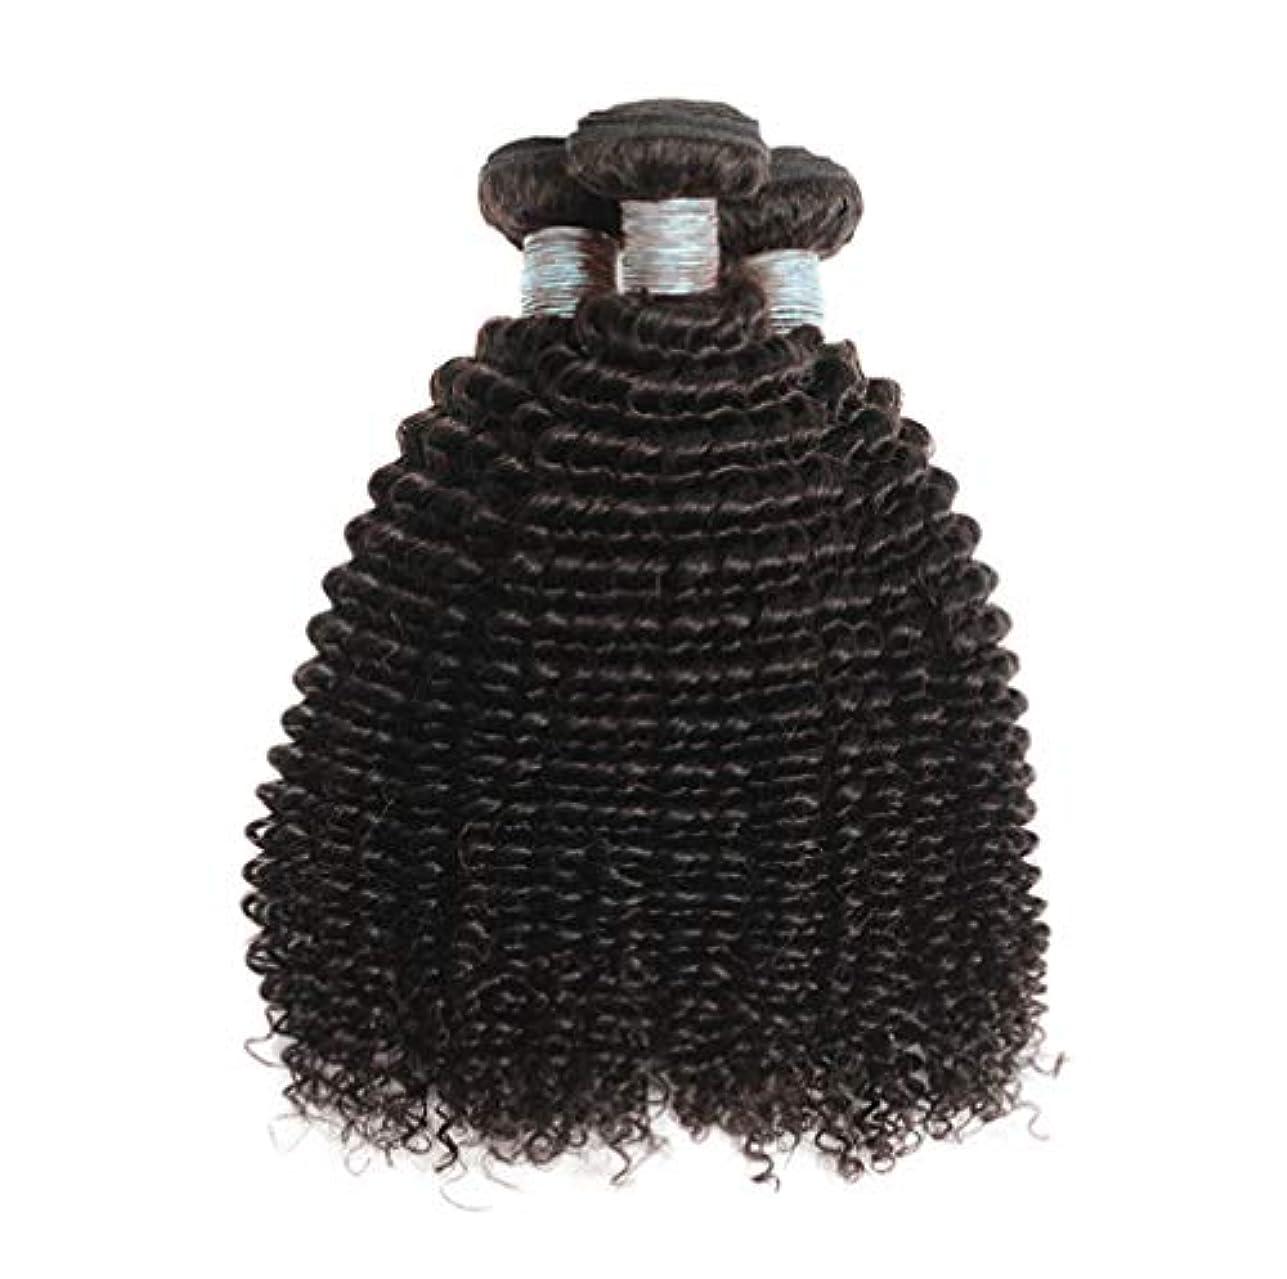 美しい8Aブラジルの髪の束ブラジルの巻き毛の束未処理のブラジルの人間の髪の束変態の巻き毛3束